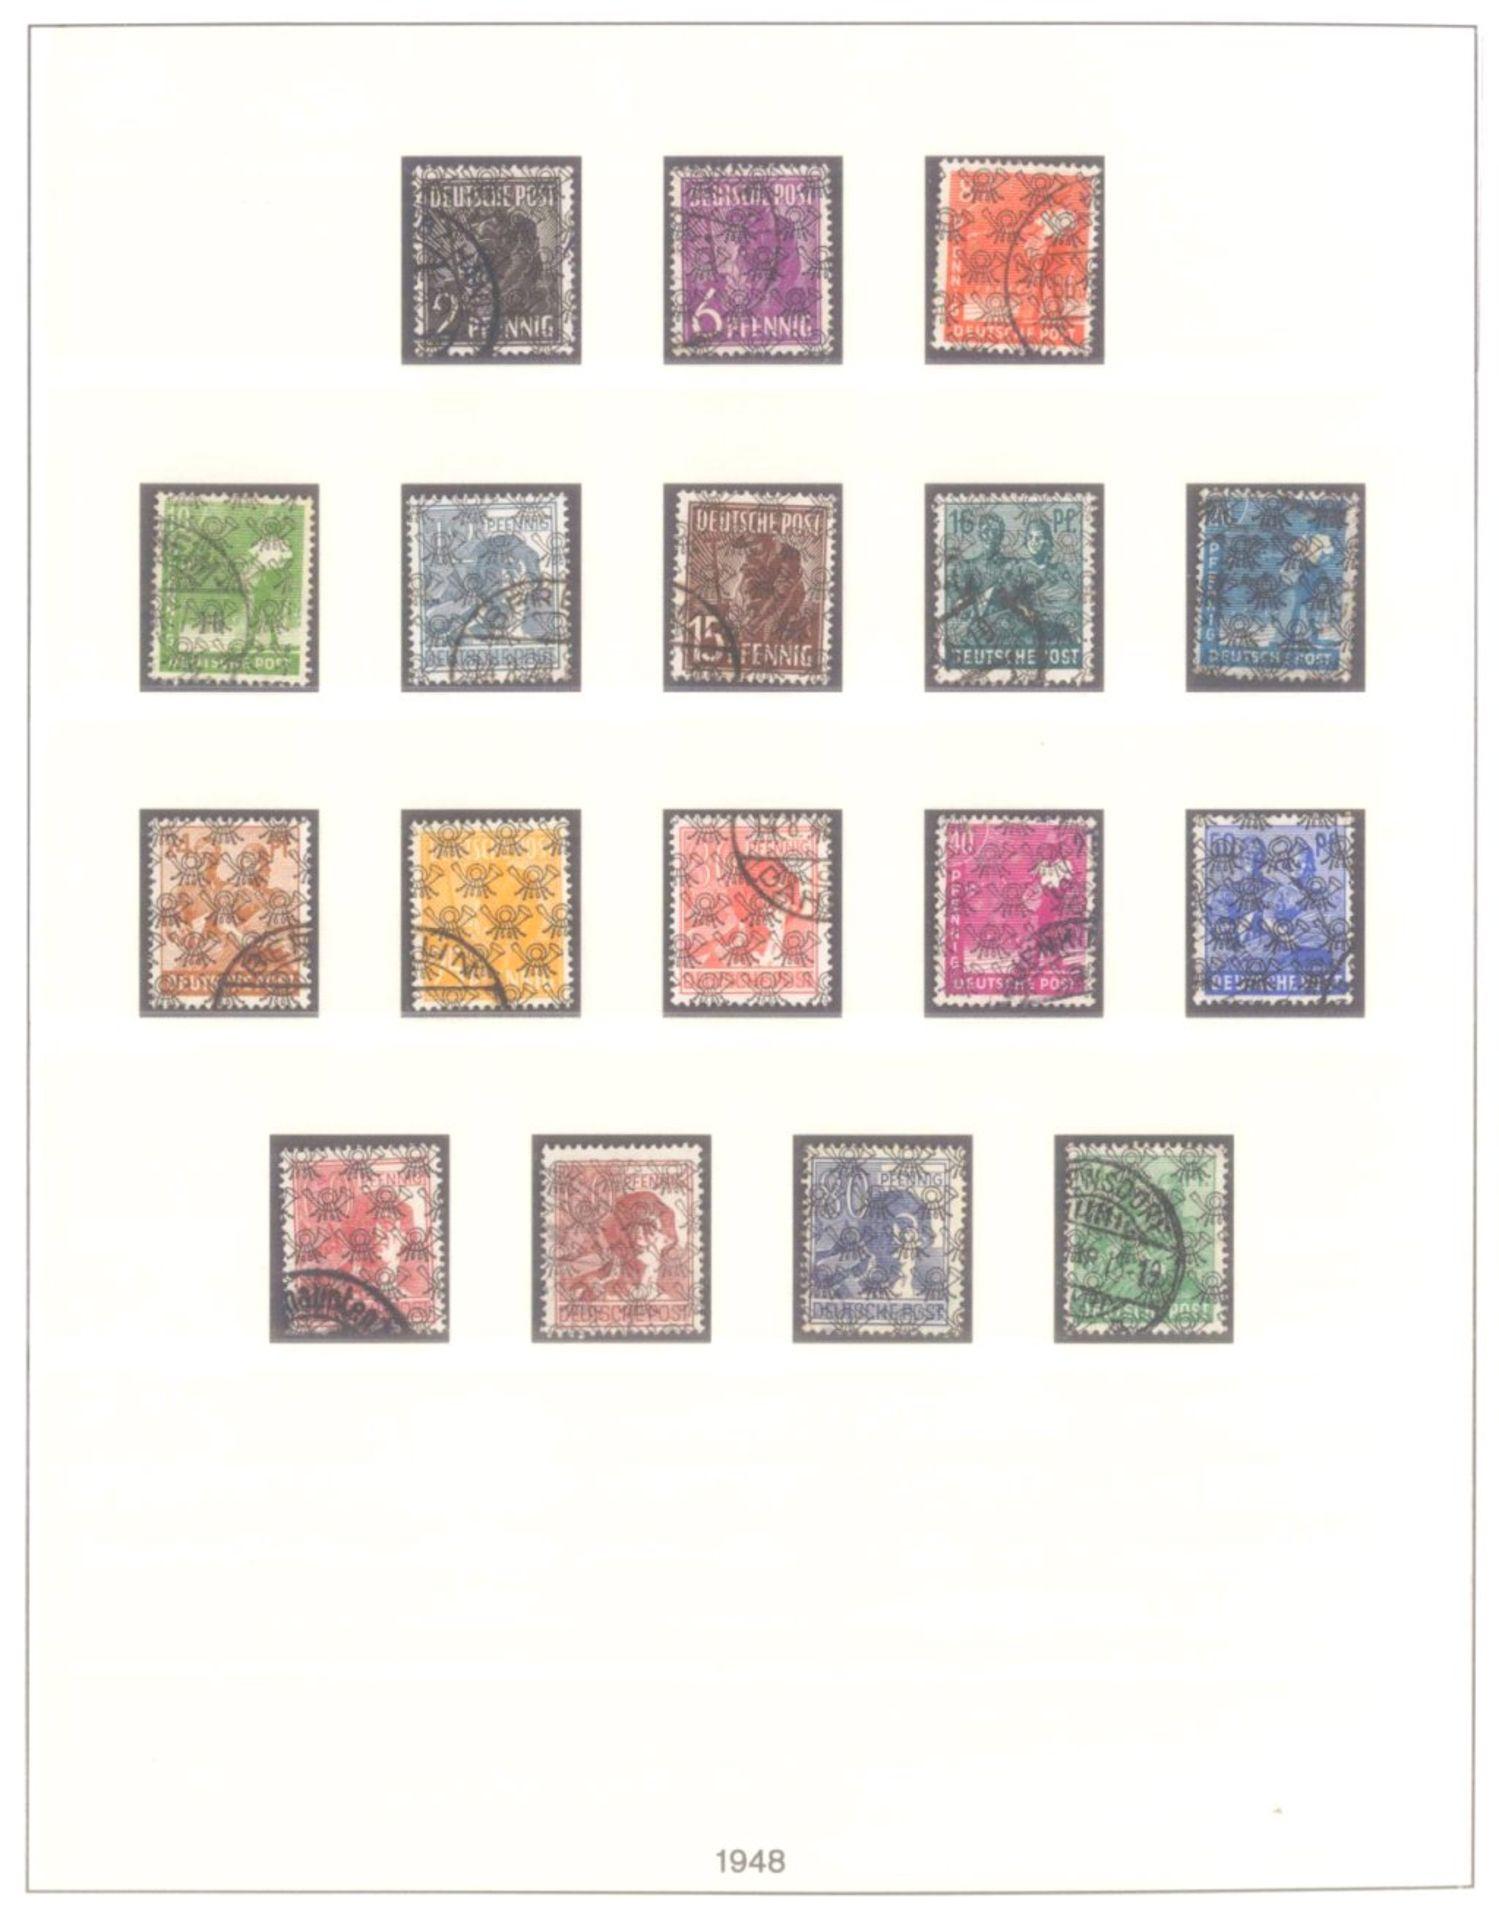 Sammlung Alliierte BesetzungAmerikanische und Britische Zone, AM Post (auch hohe Werte),sowie - Bild 3 aus 12